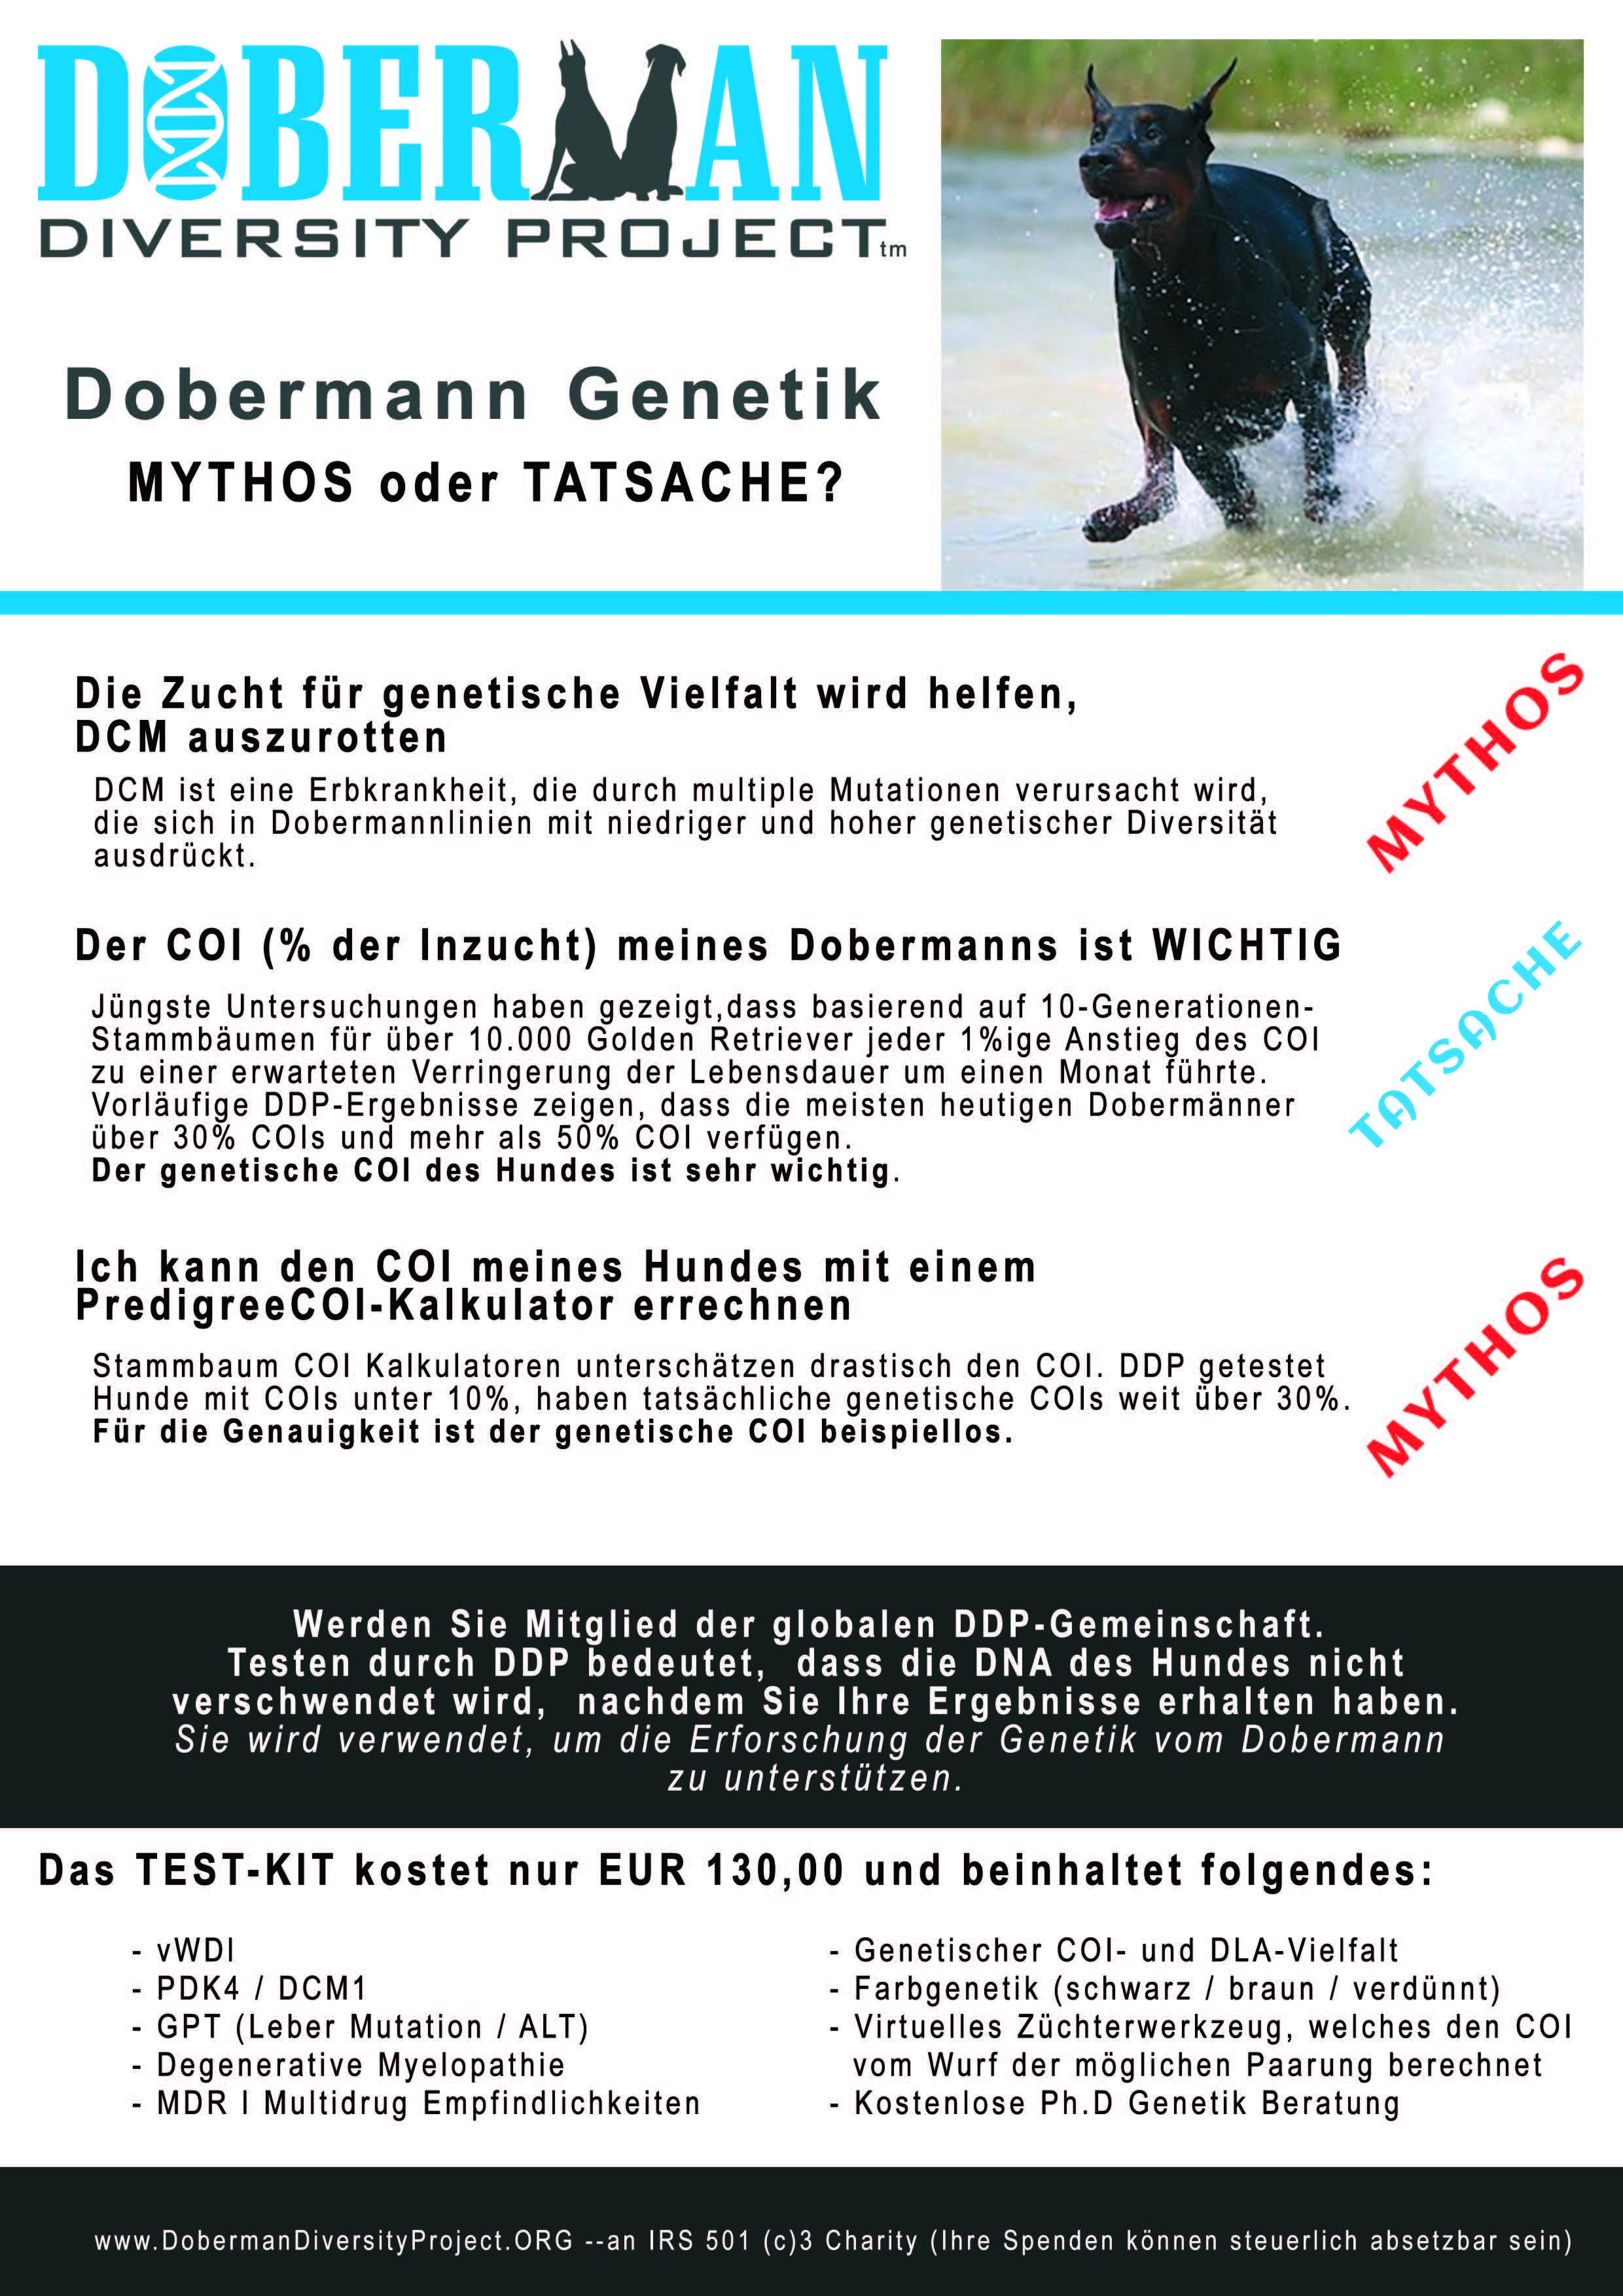 Osterreichischer Dobermannklub